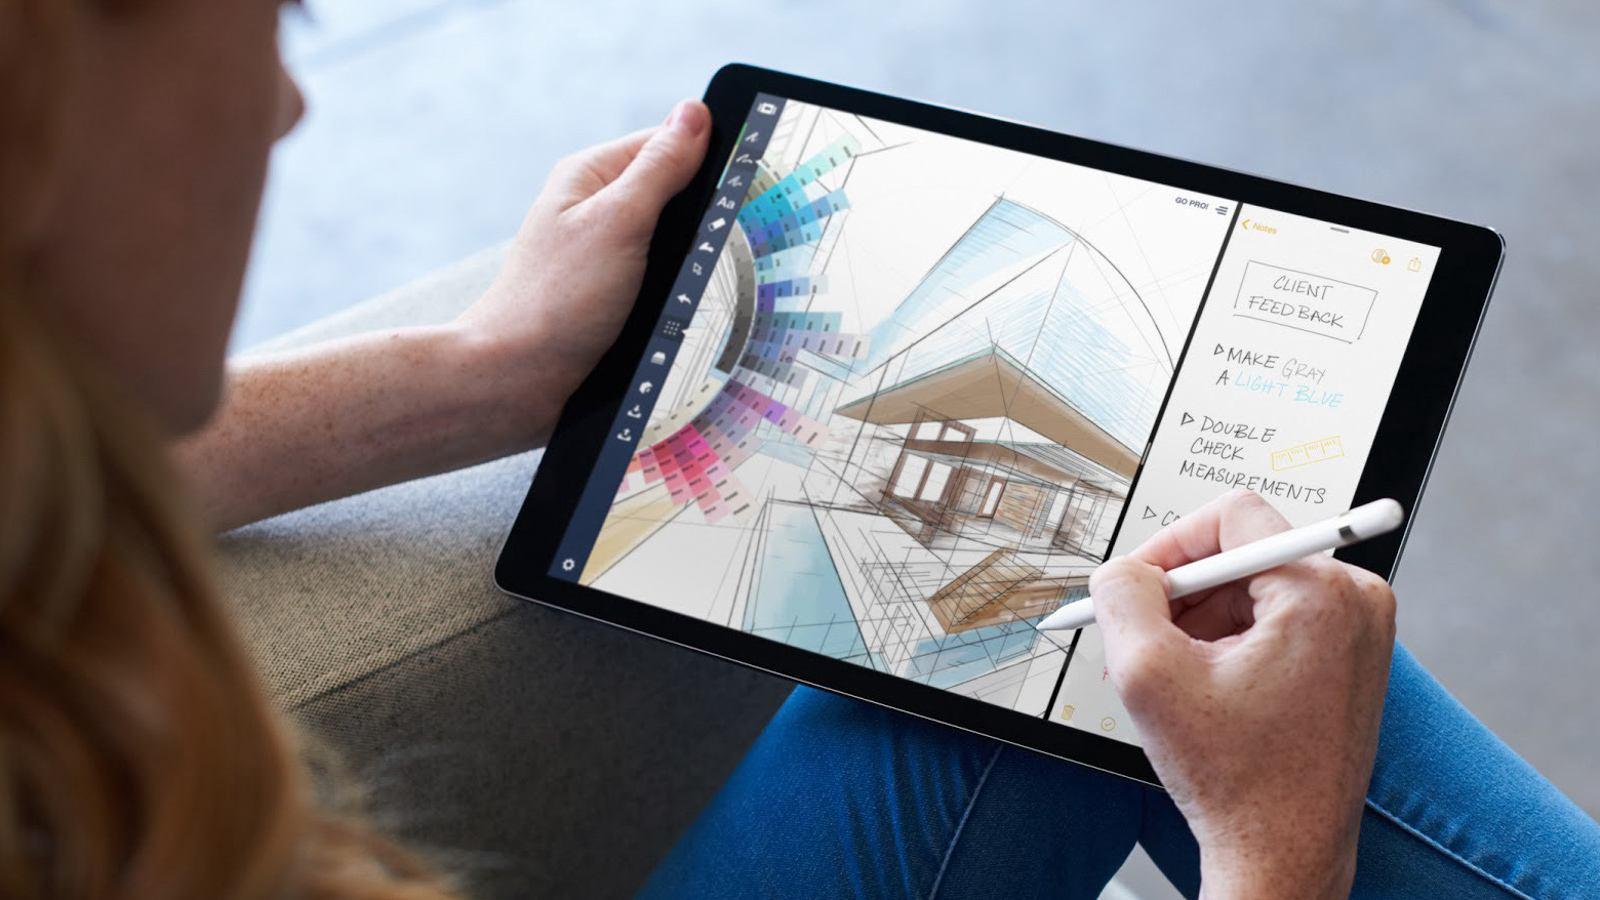 iPad Pro 屏幕采用 120Hz 刷新率有什么用?